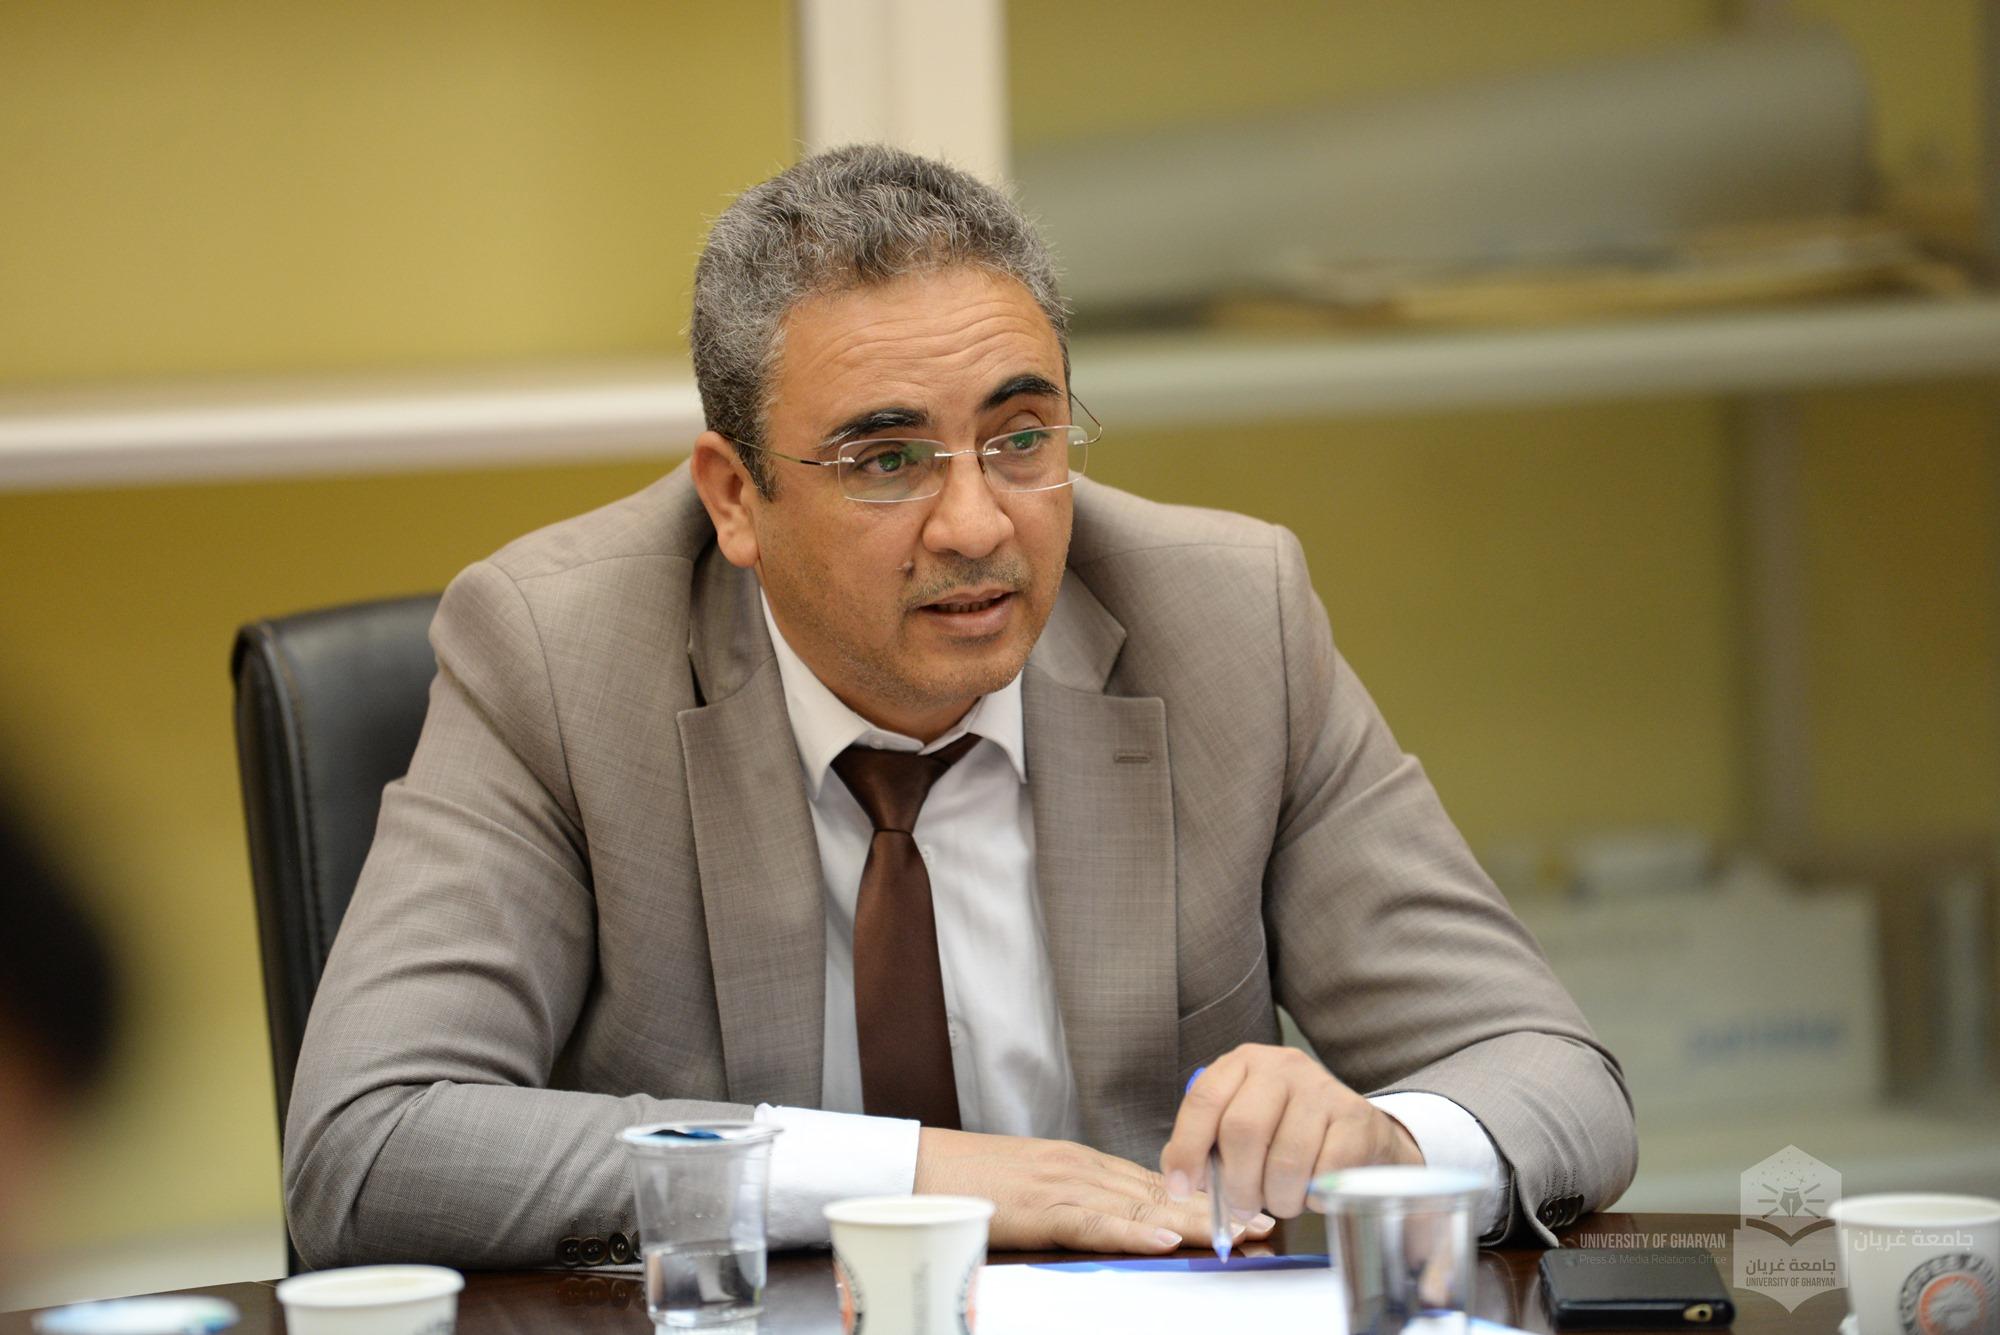 Dr. Mohammed Ebrahim Ghoma